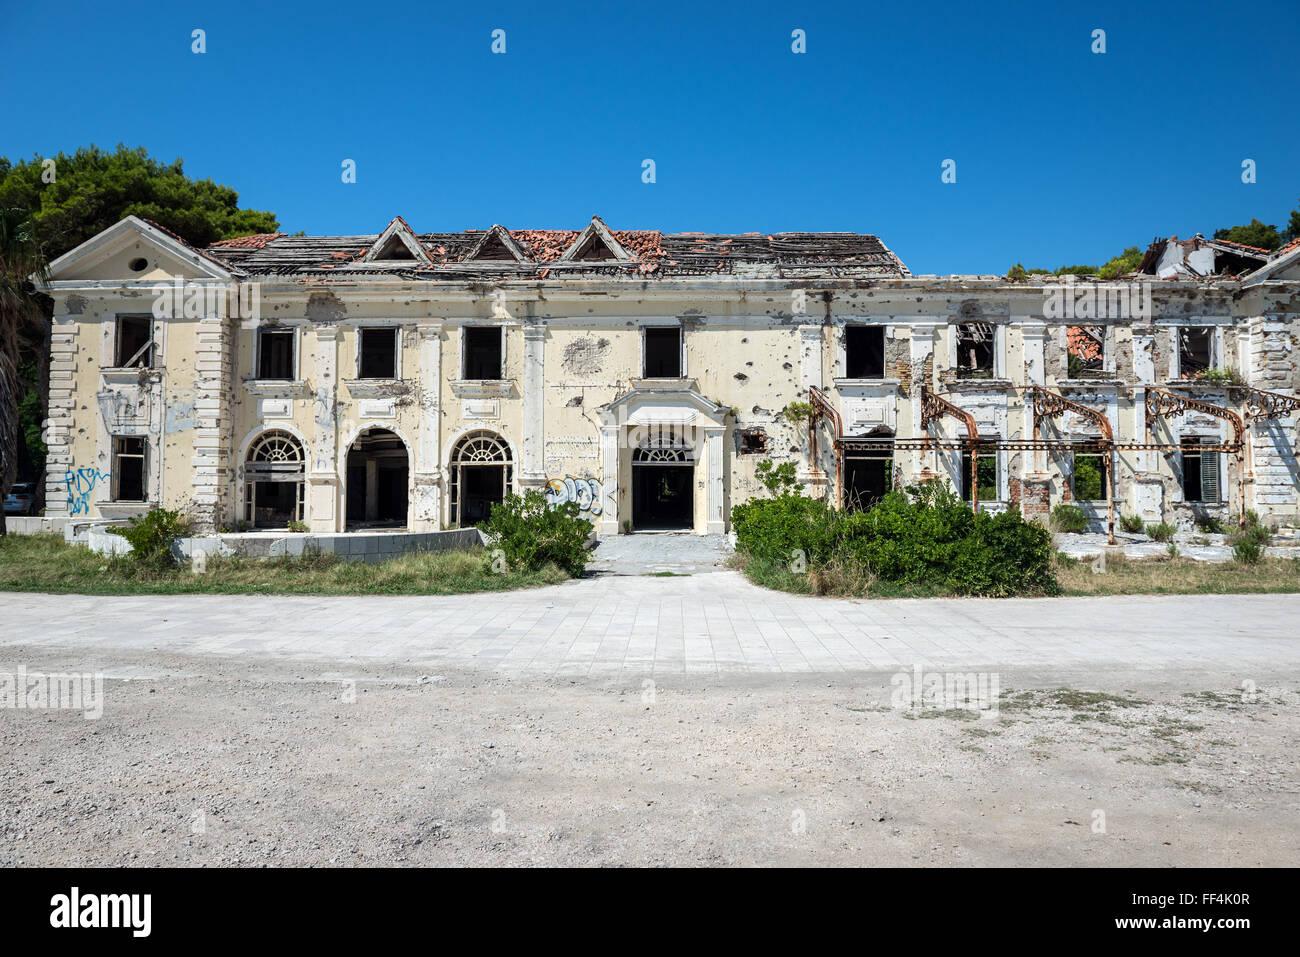 Verlassene Grand Hotel Kupari Dorf Touristischen Komplex Zerstort